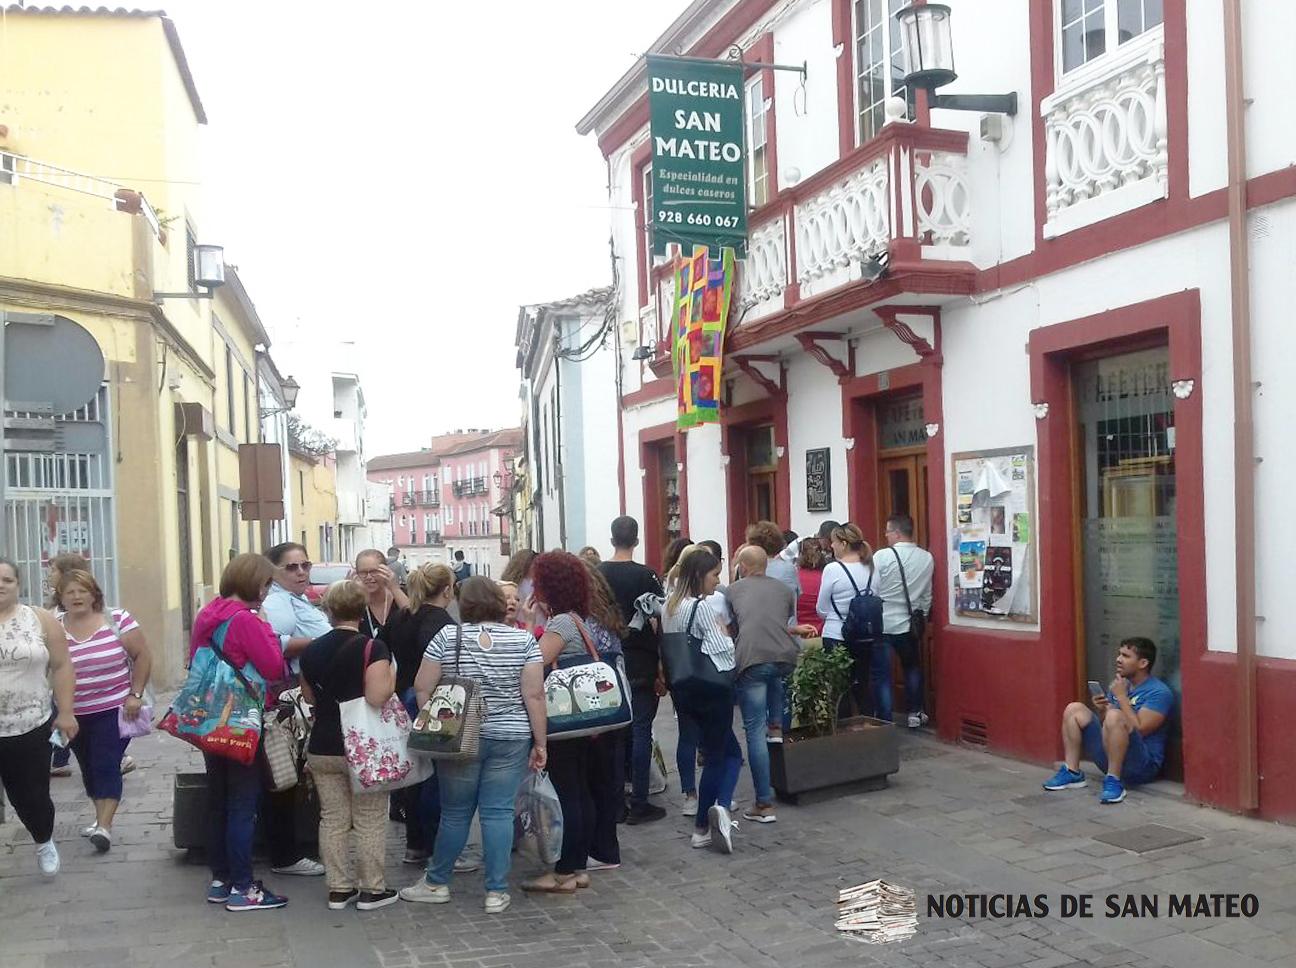 Cola para entrar en la dulceria de San Mateo Foto Laura Miranda Noticias de San Mateo